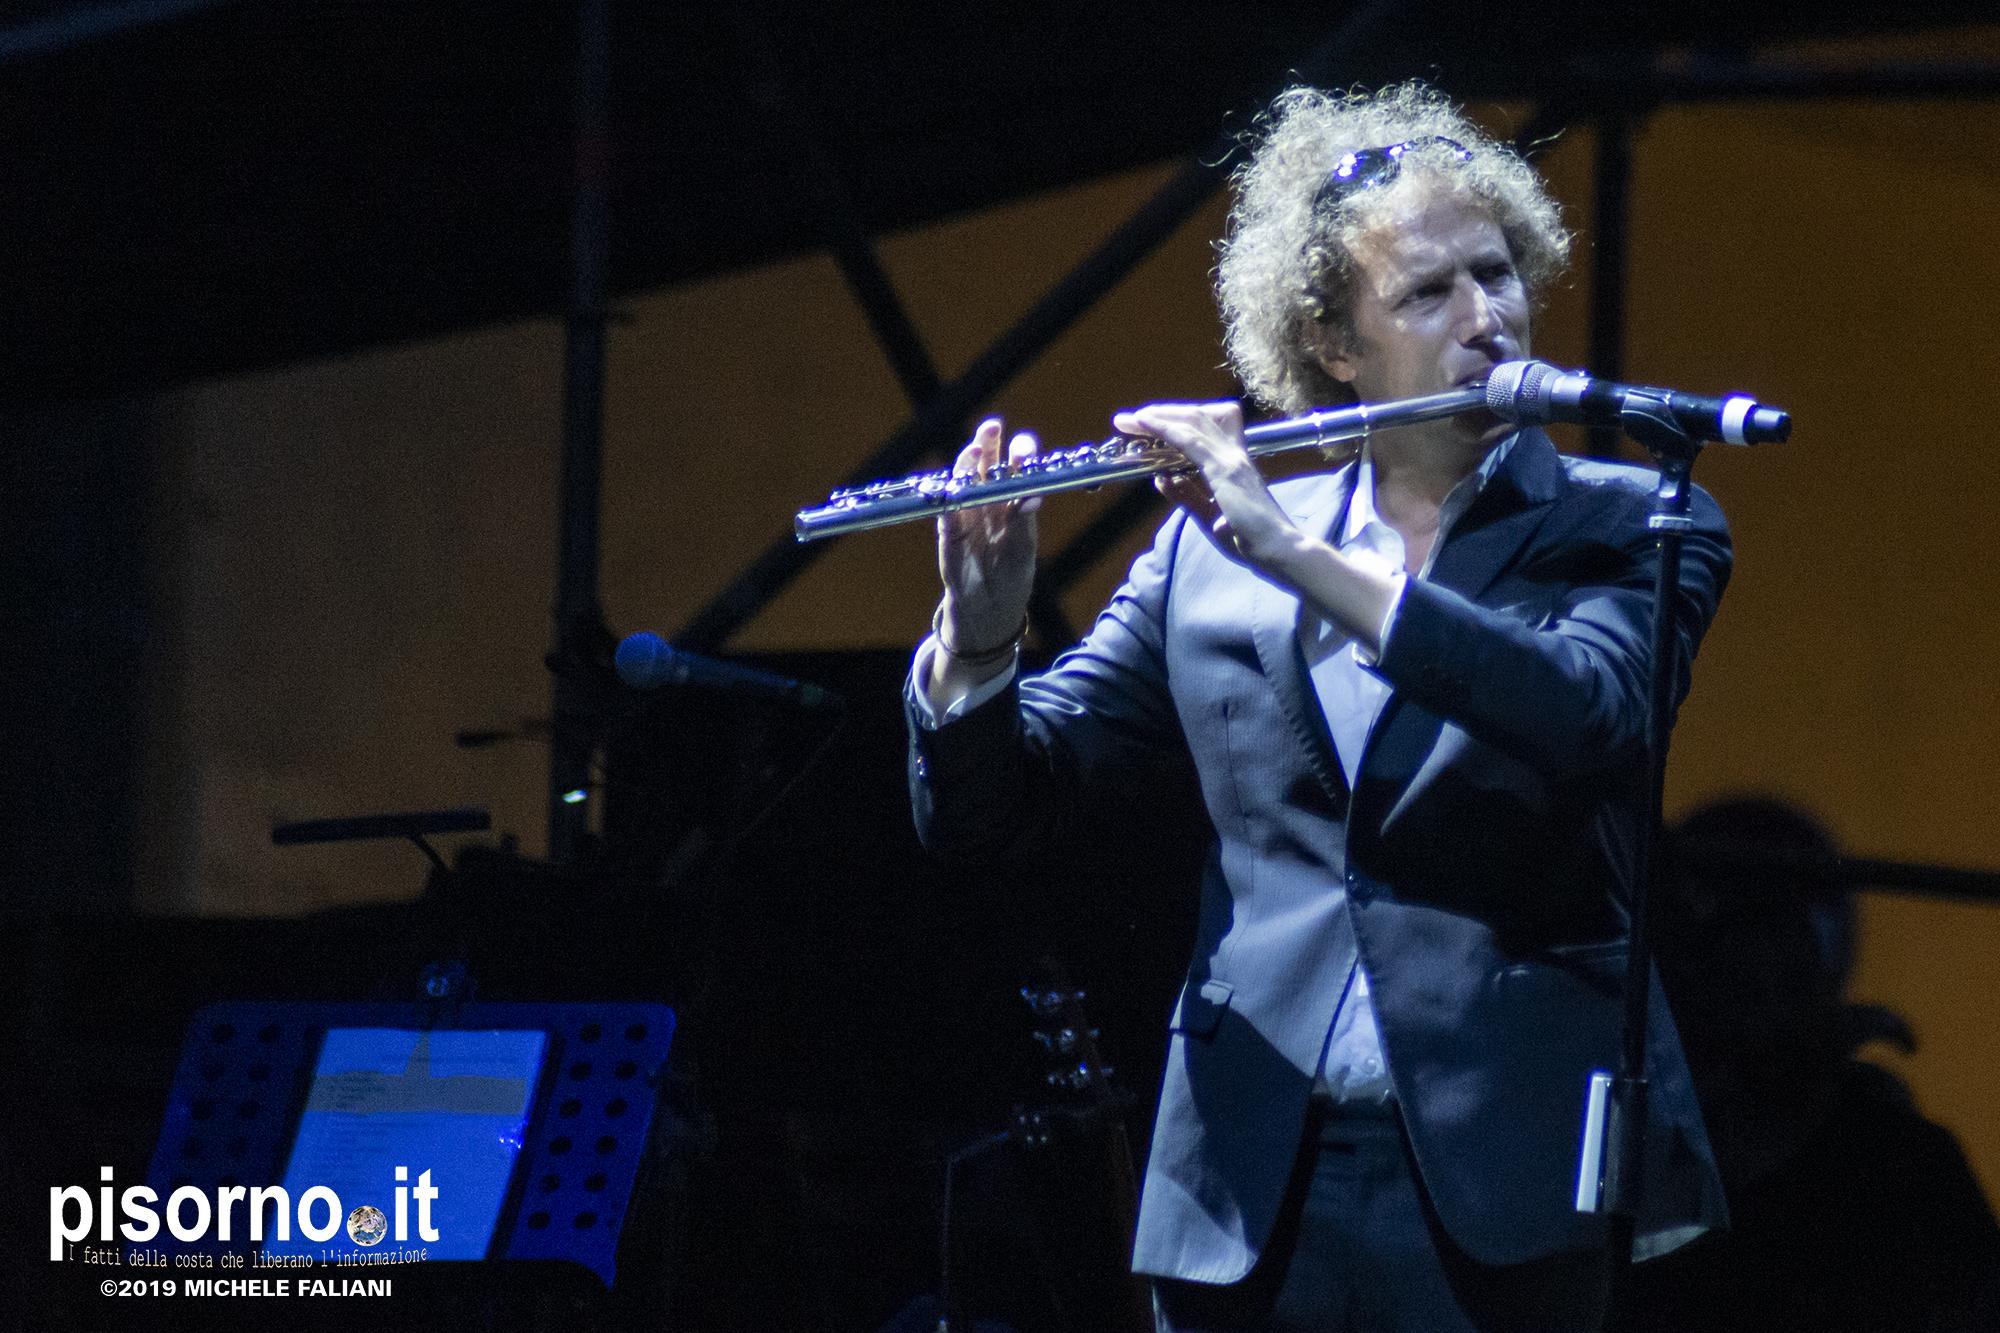 Tricarico live @ MusArt Festival (Firenze, 16 Luglio 2019)